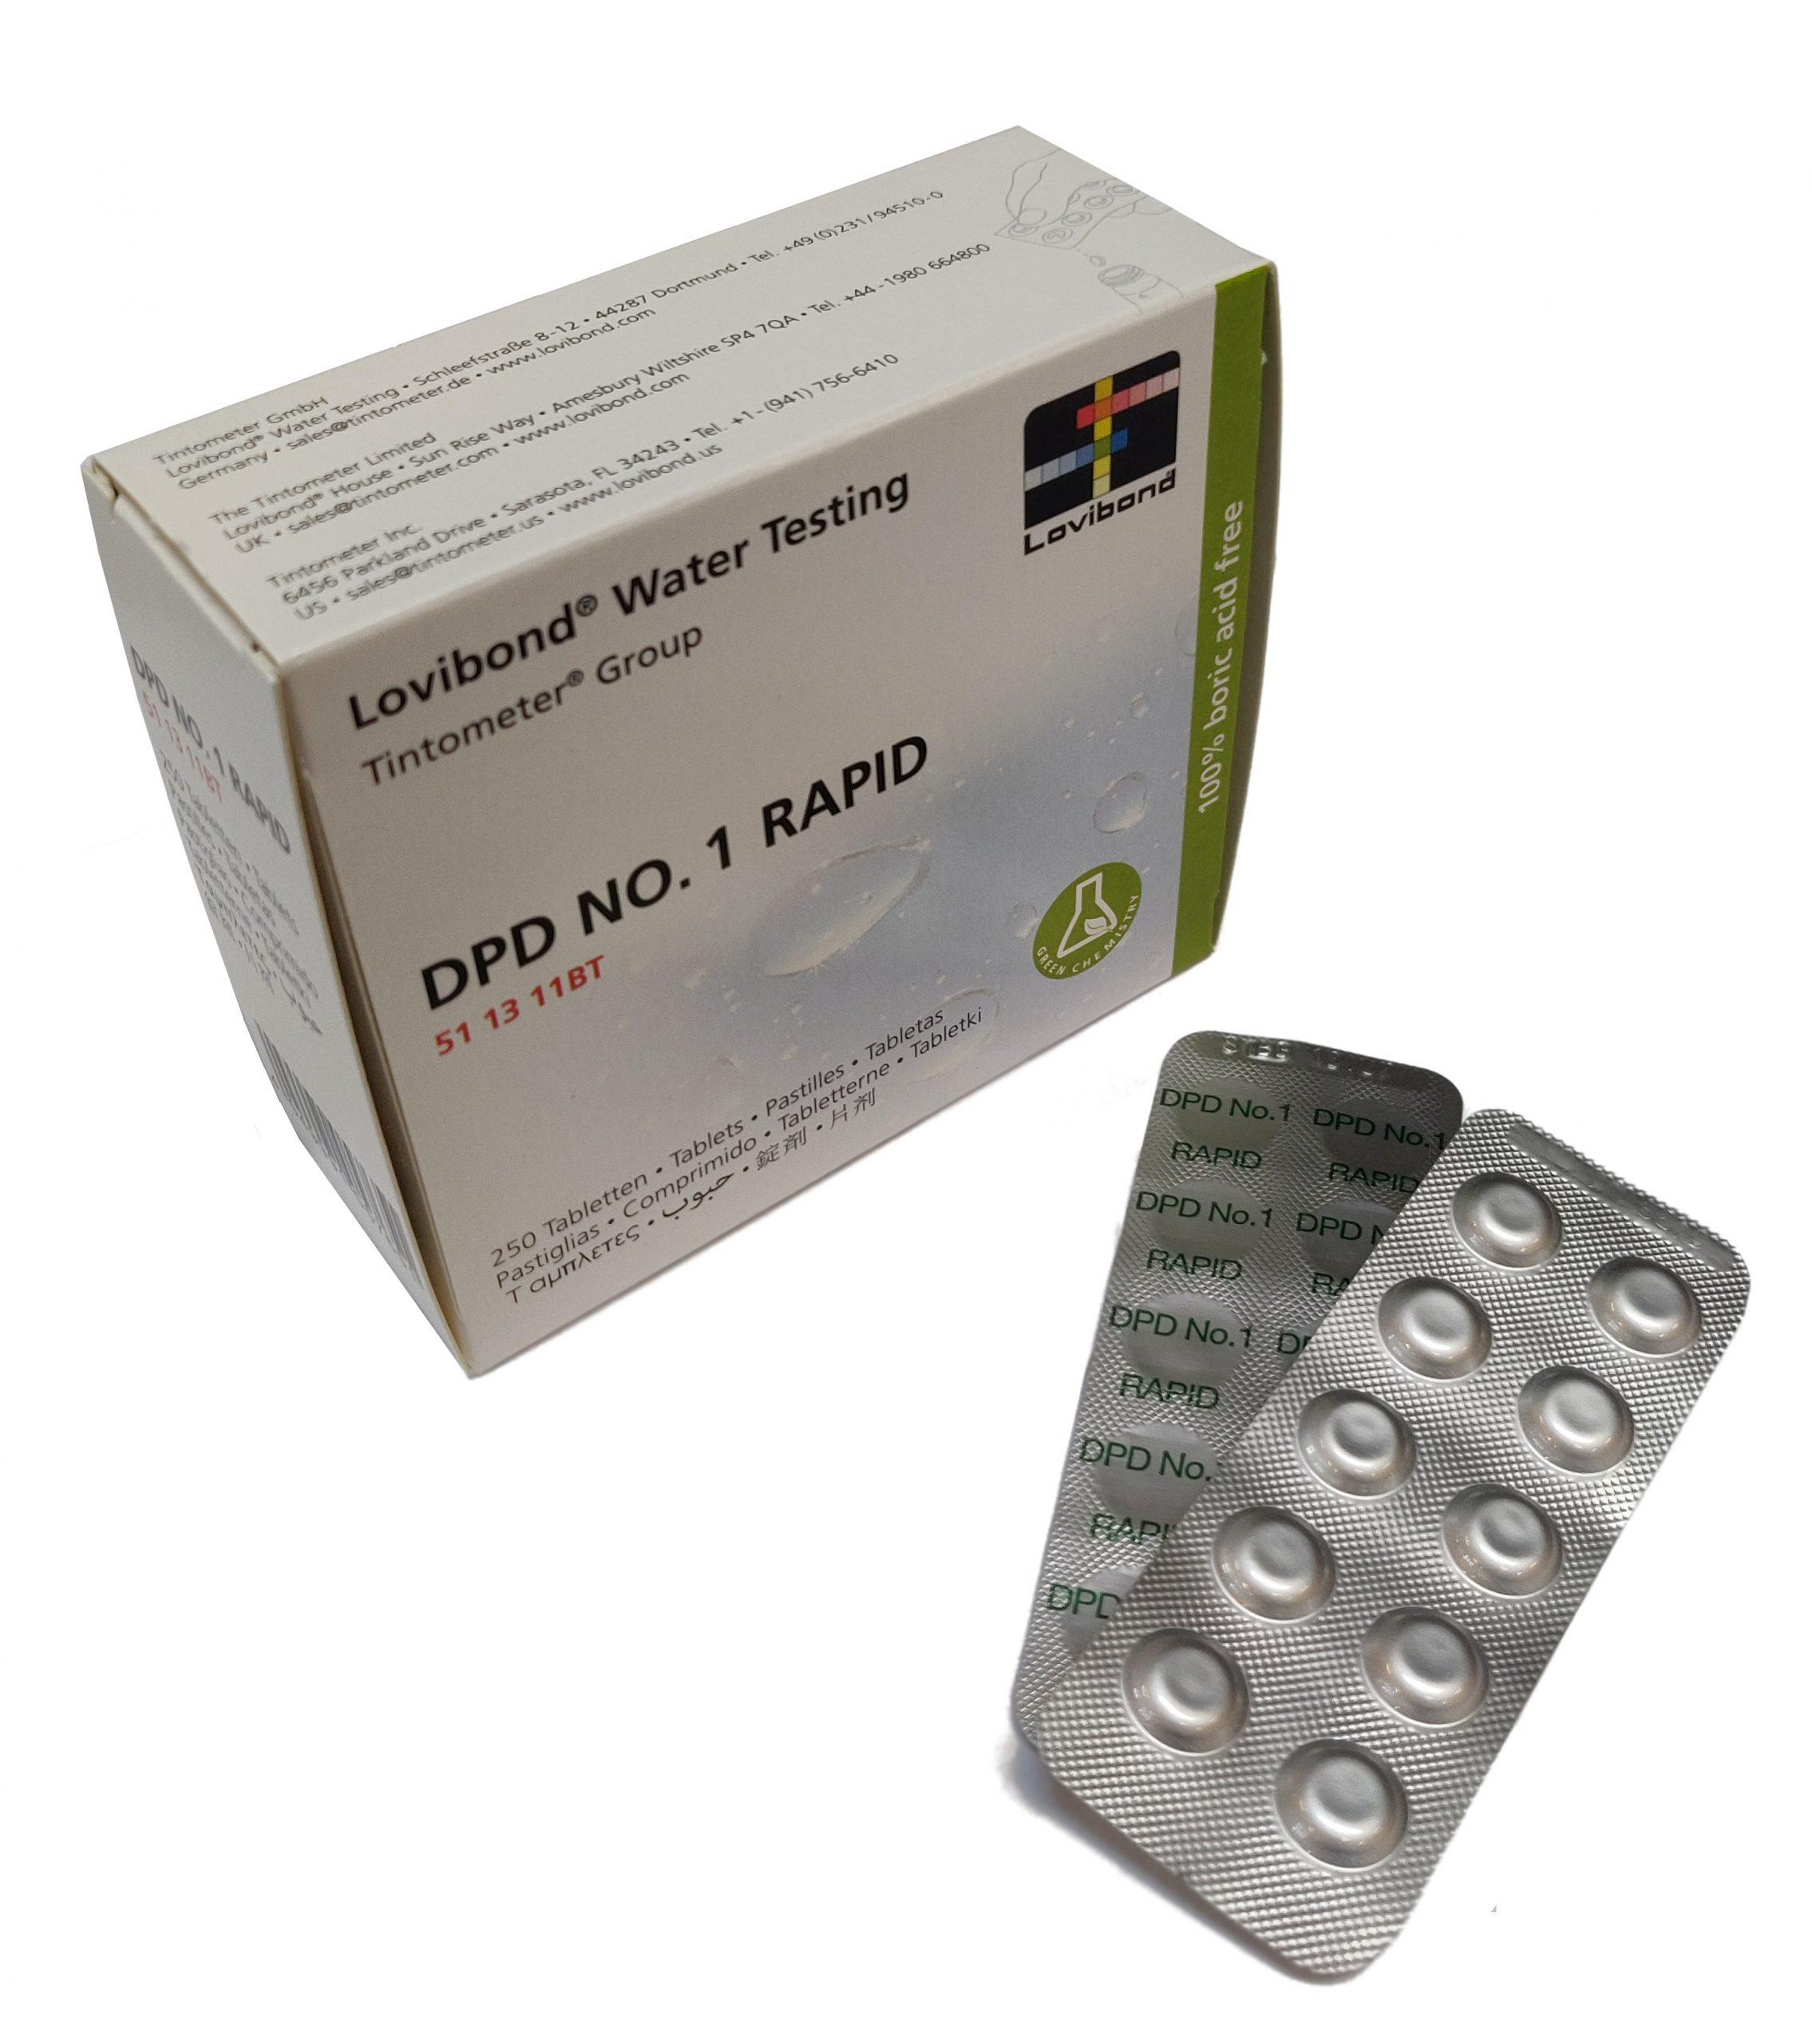 DPD nr. 1 Rapid, Frit klor (håndryster)